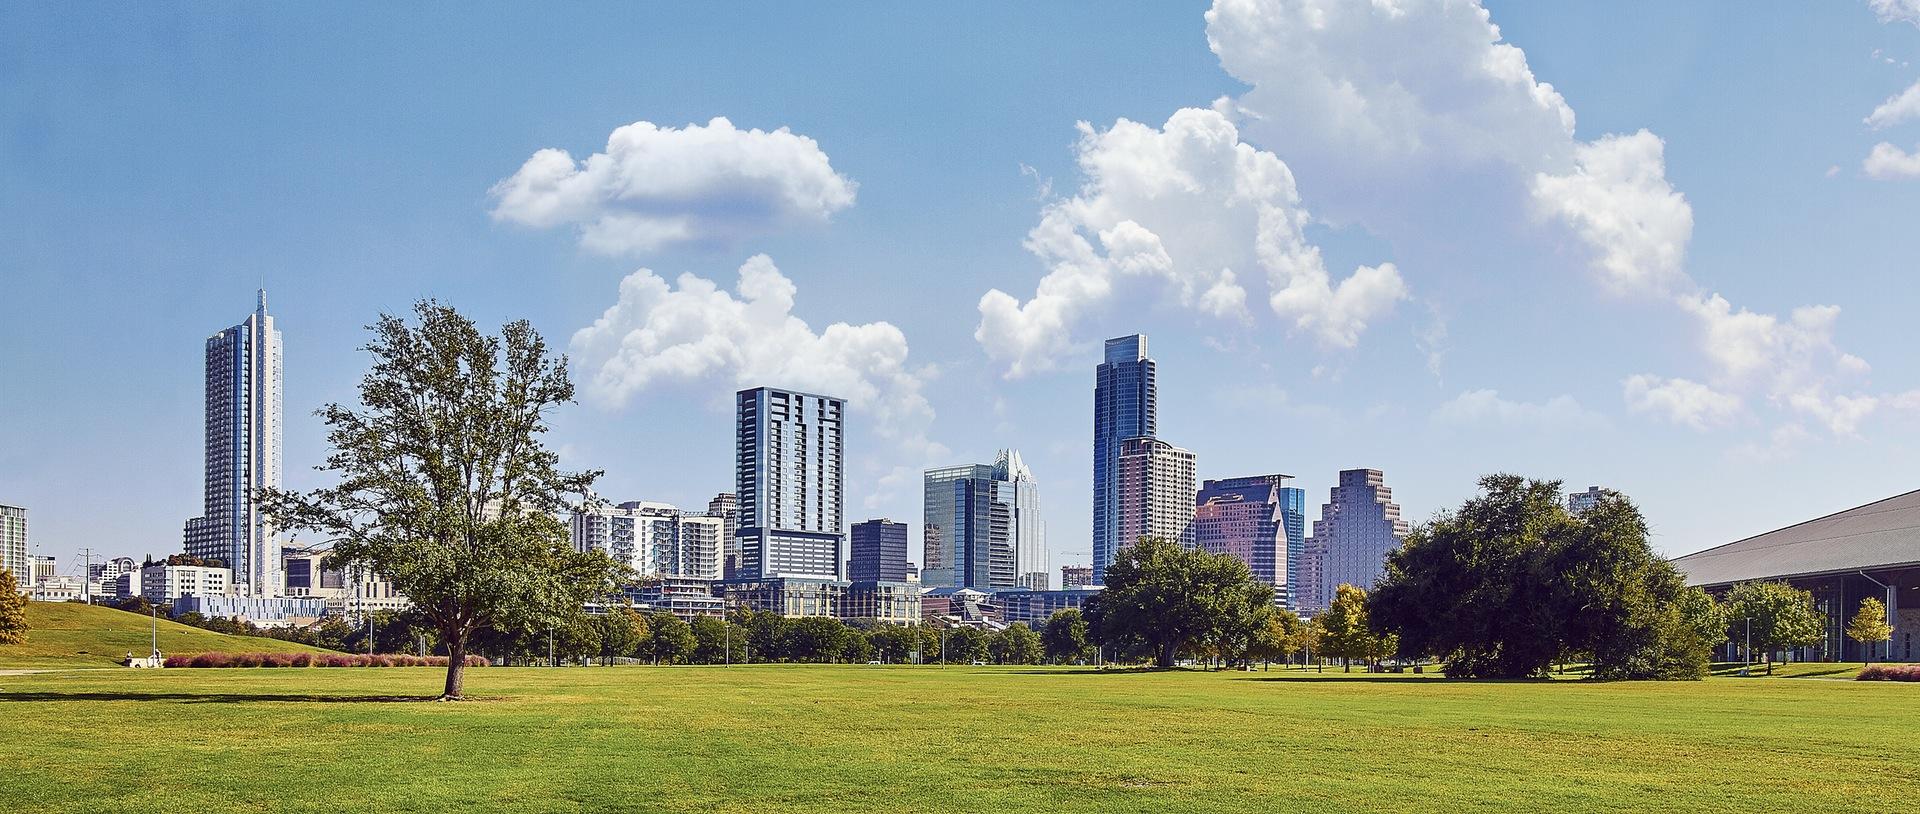 smart-city-gruene-wiese